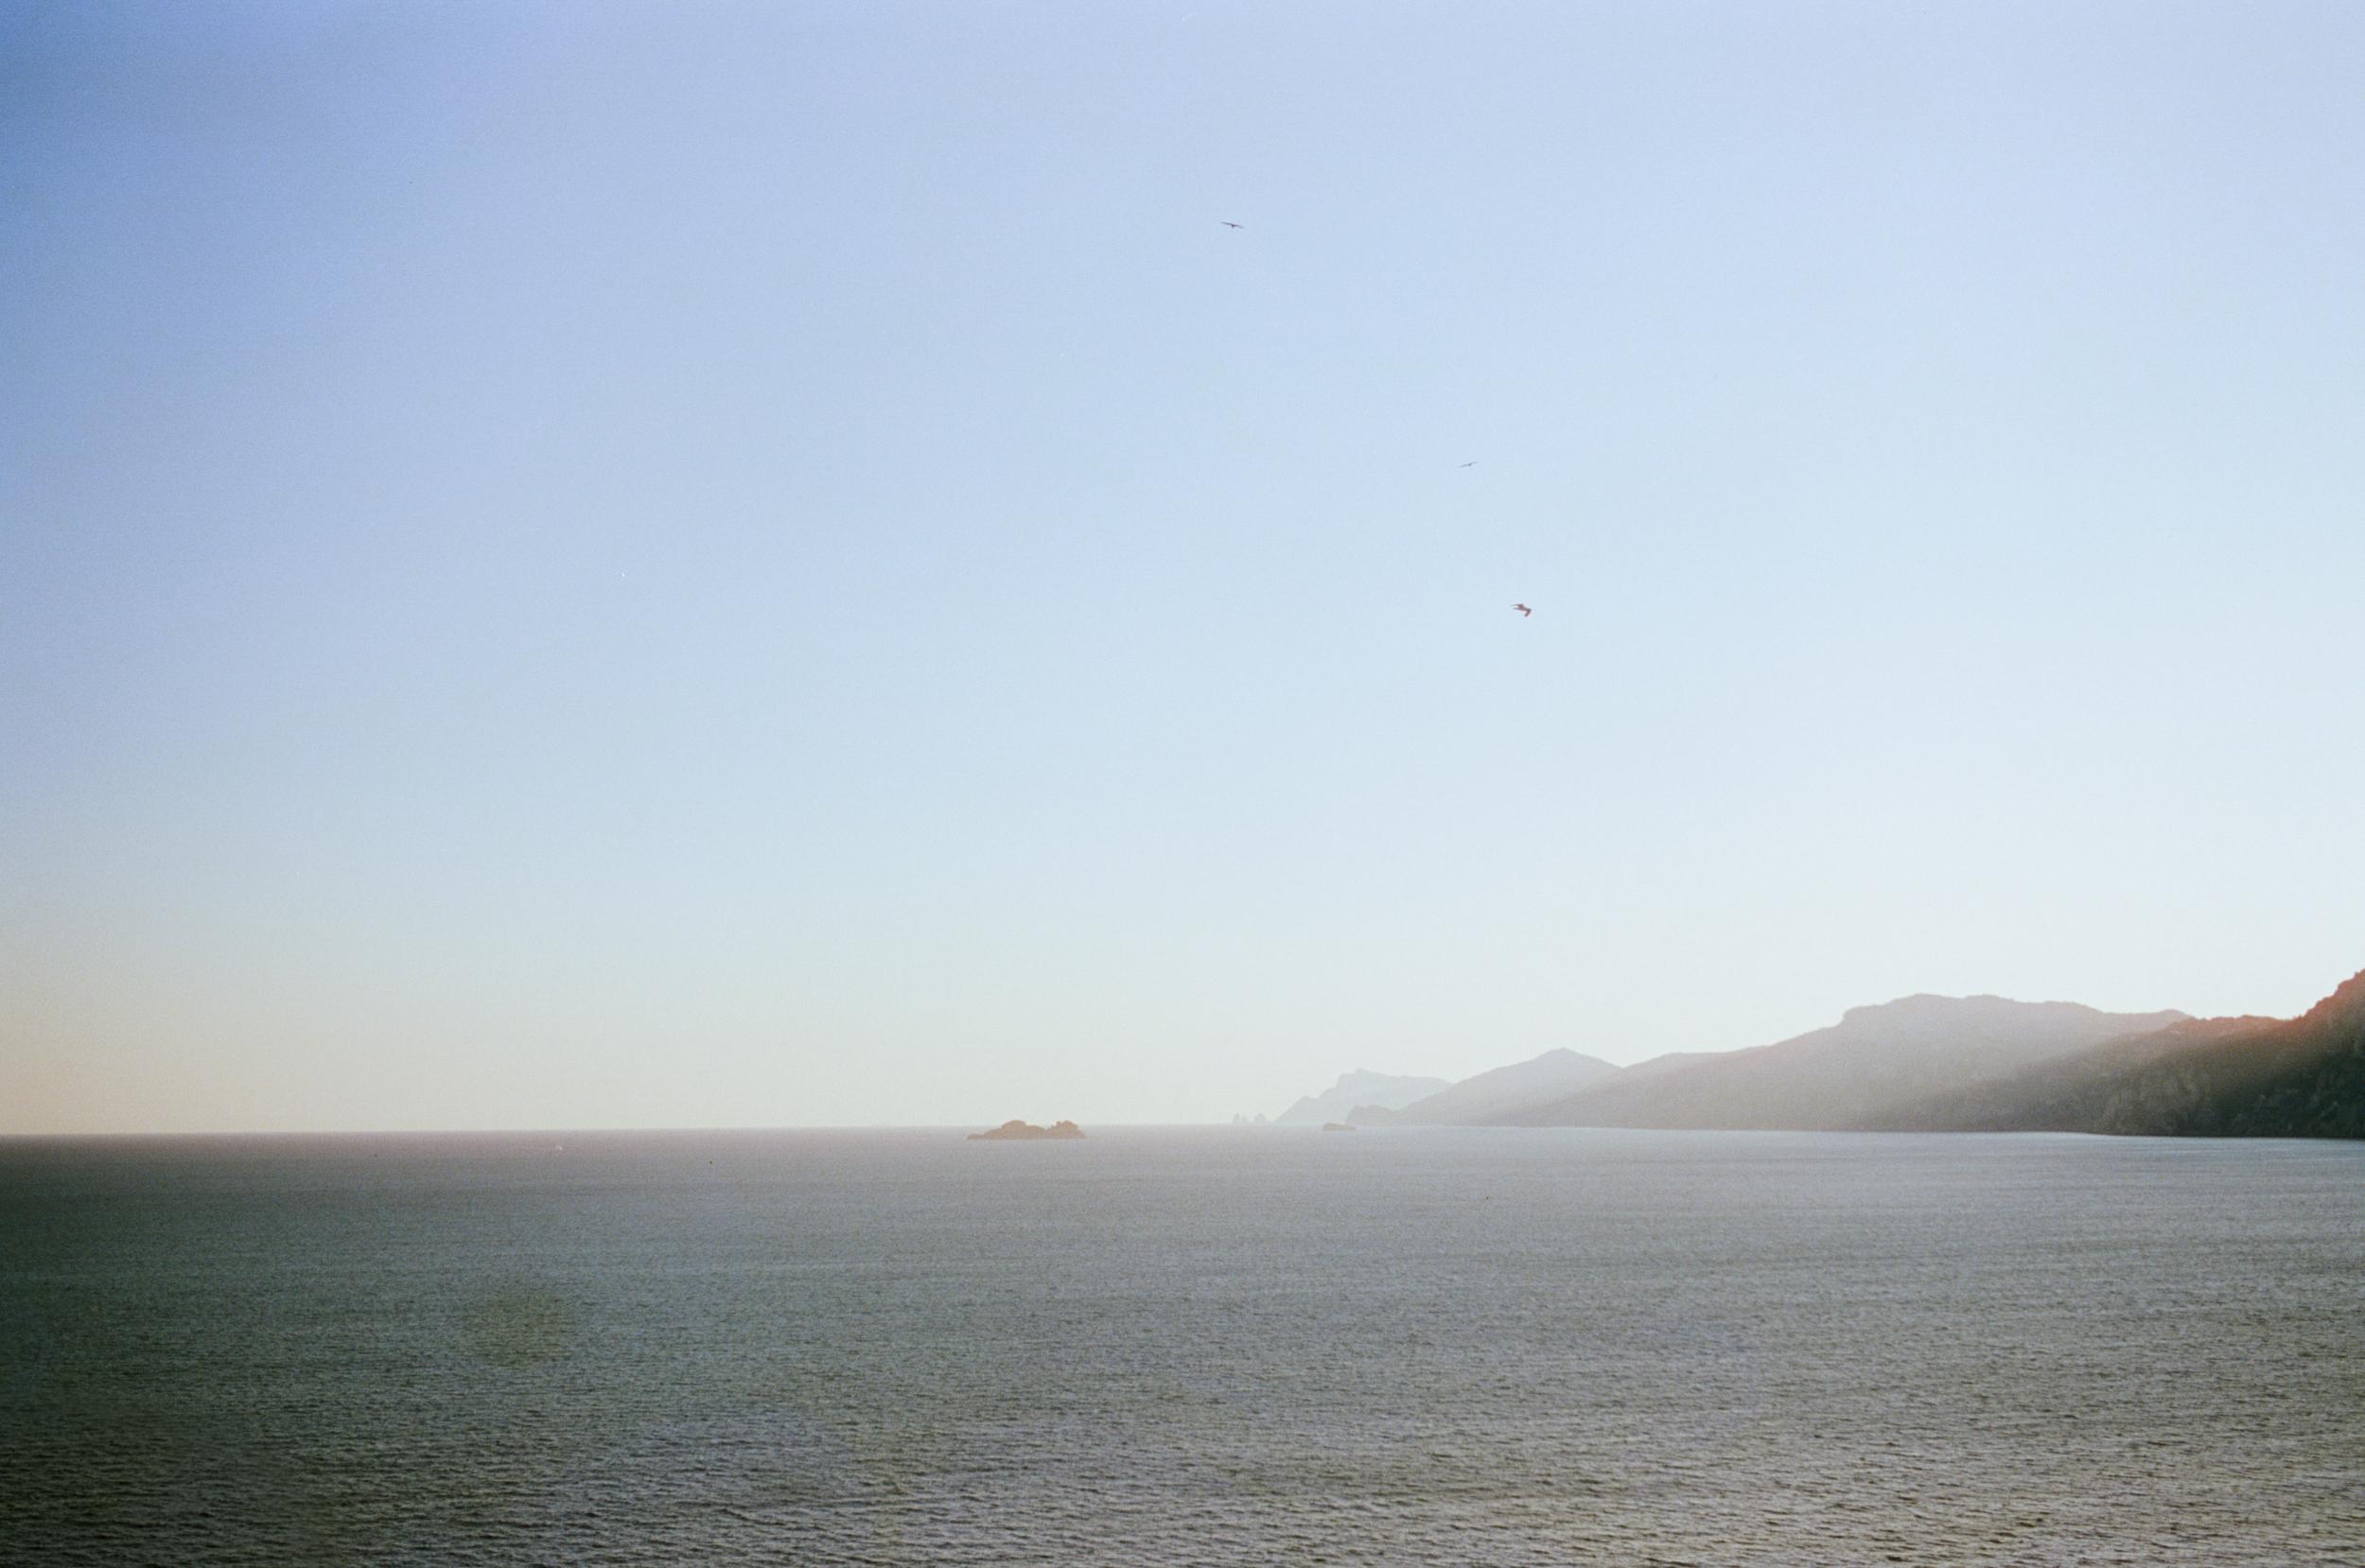 praiano-0018.jpg